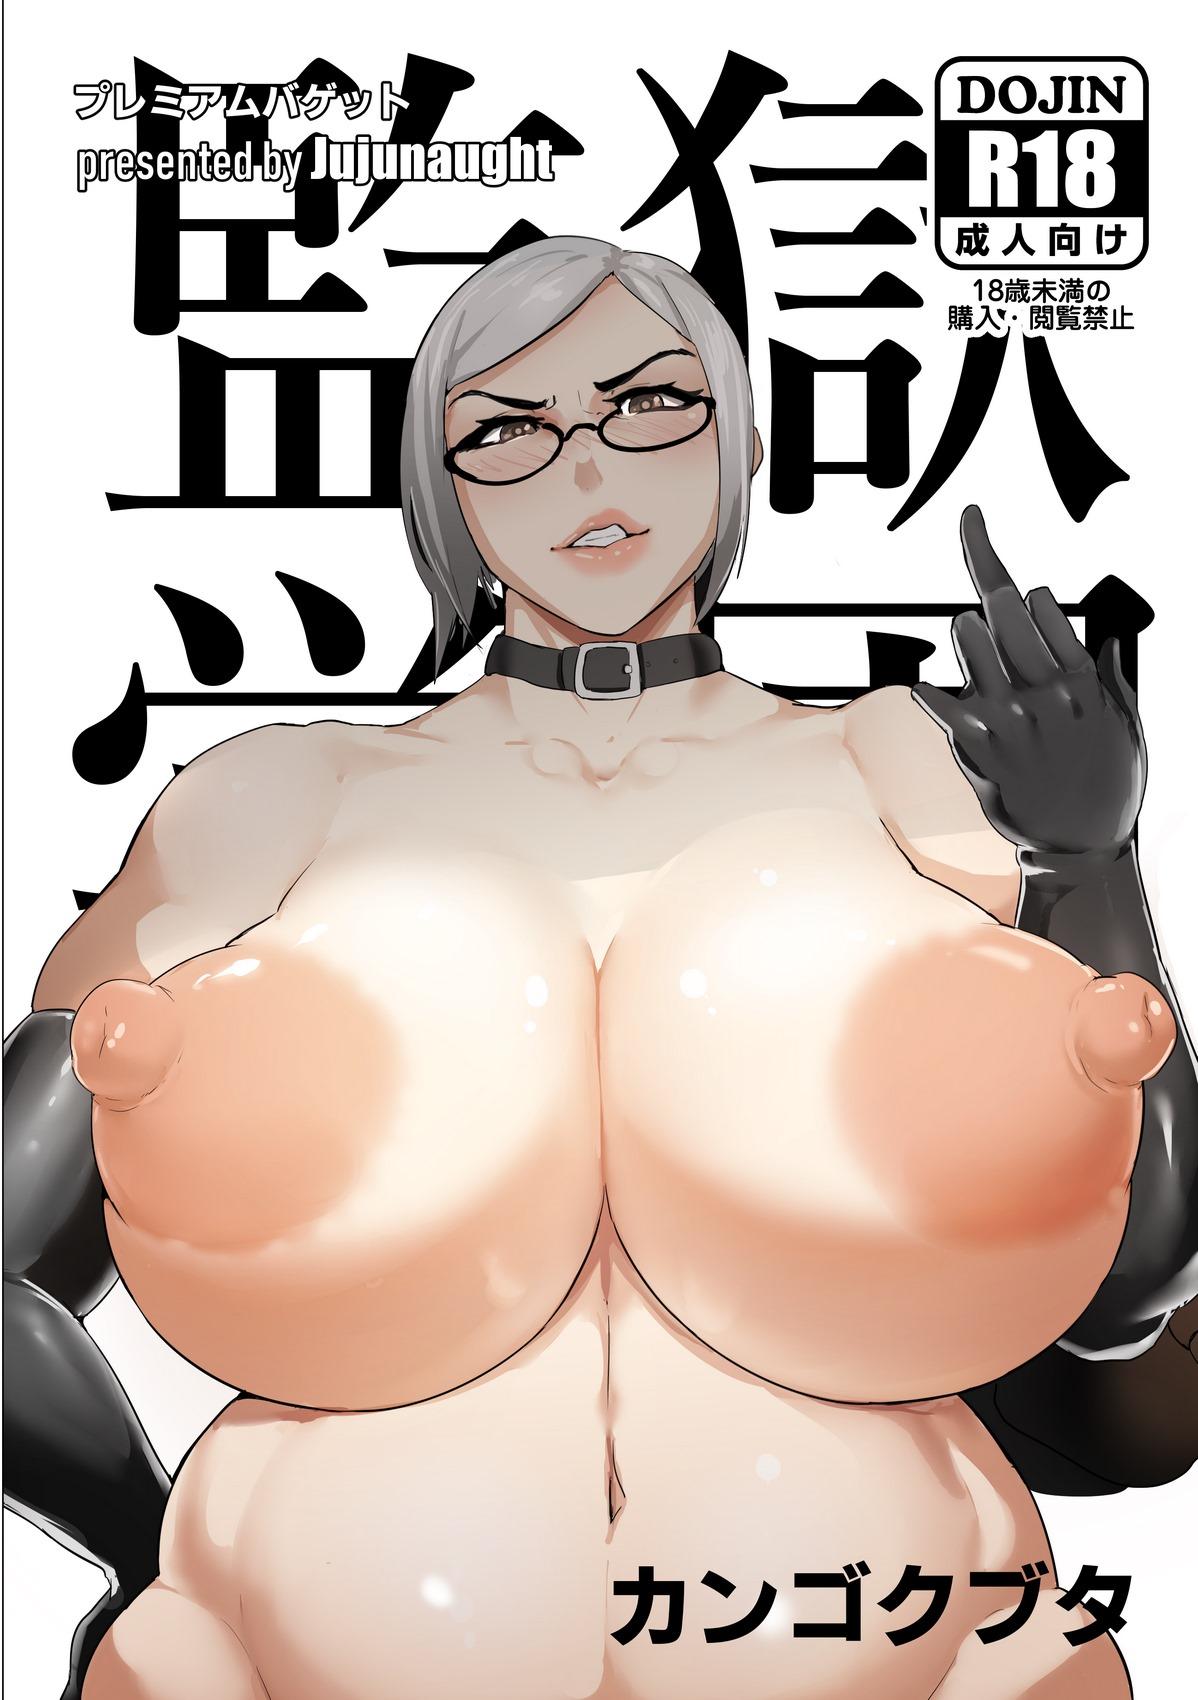 Kangoku Buta Prison School Hentai Manga